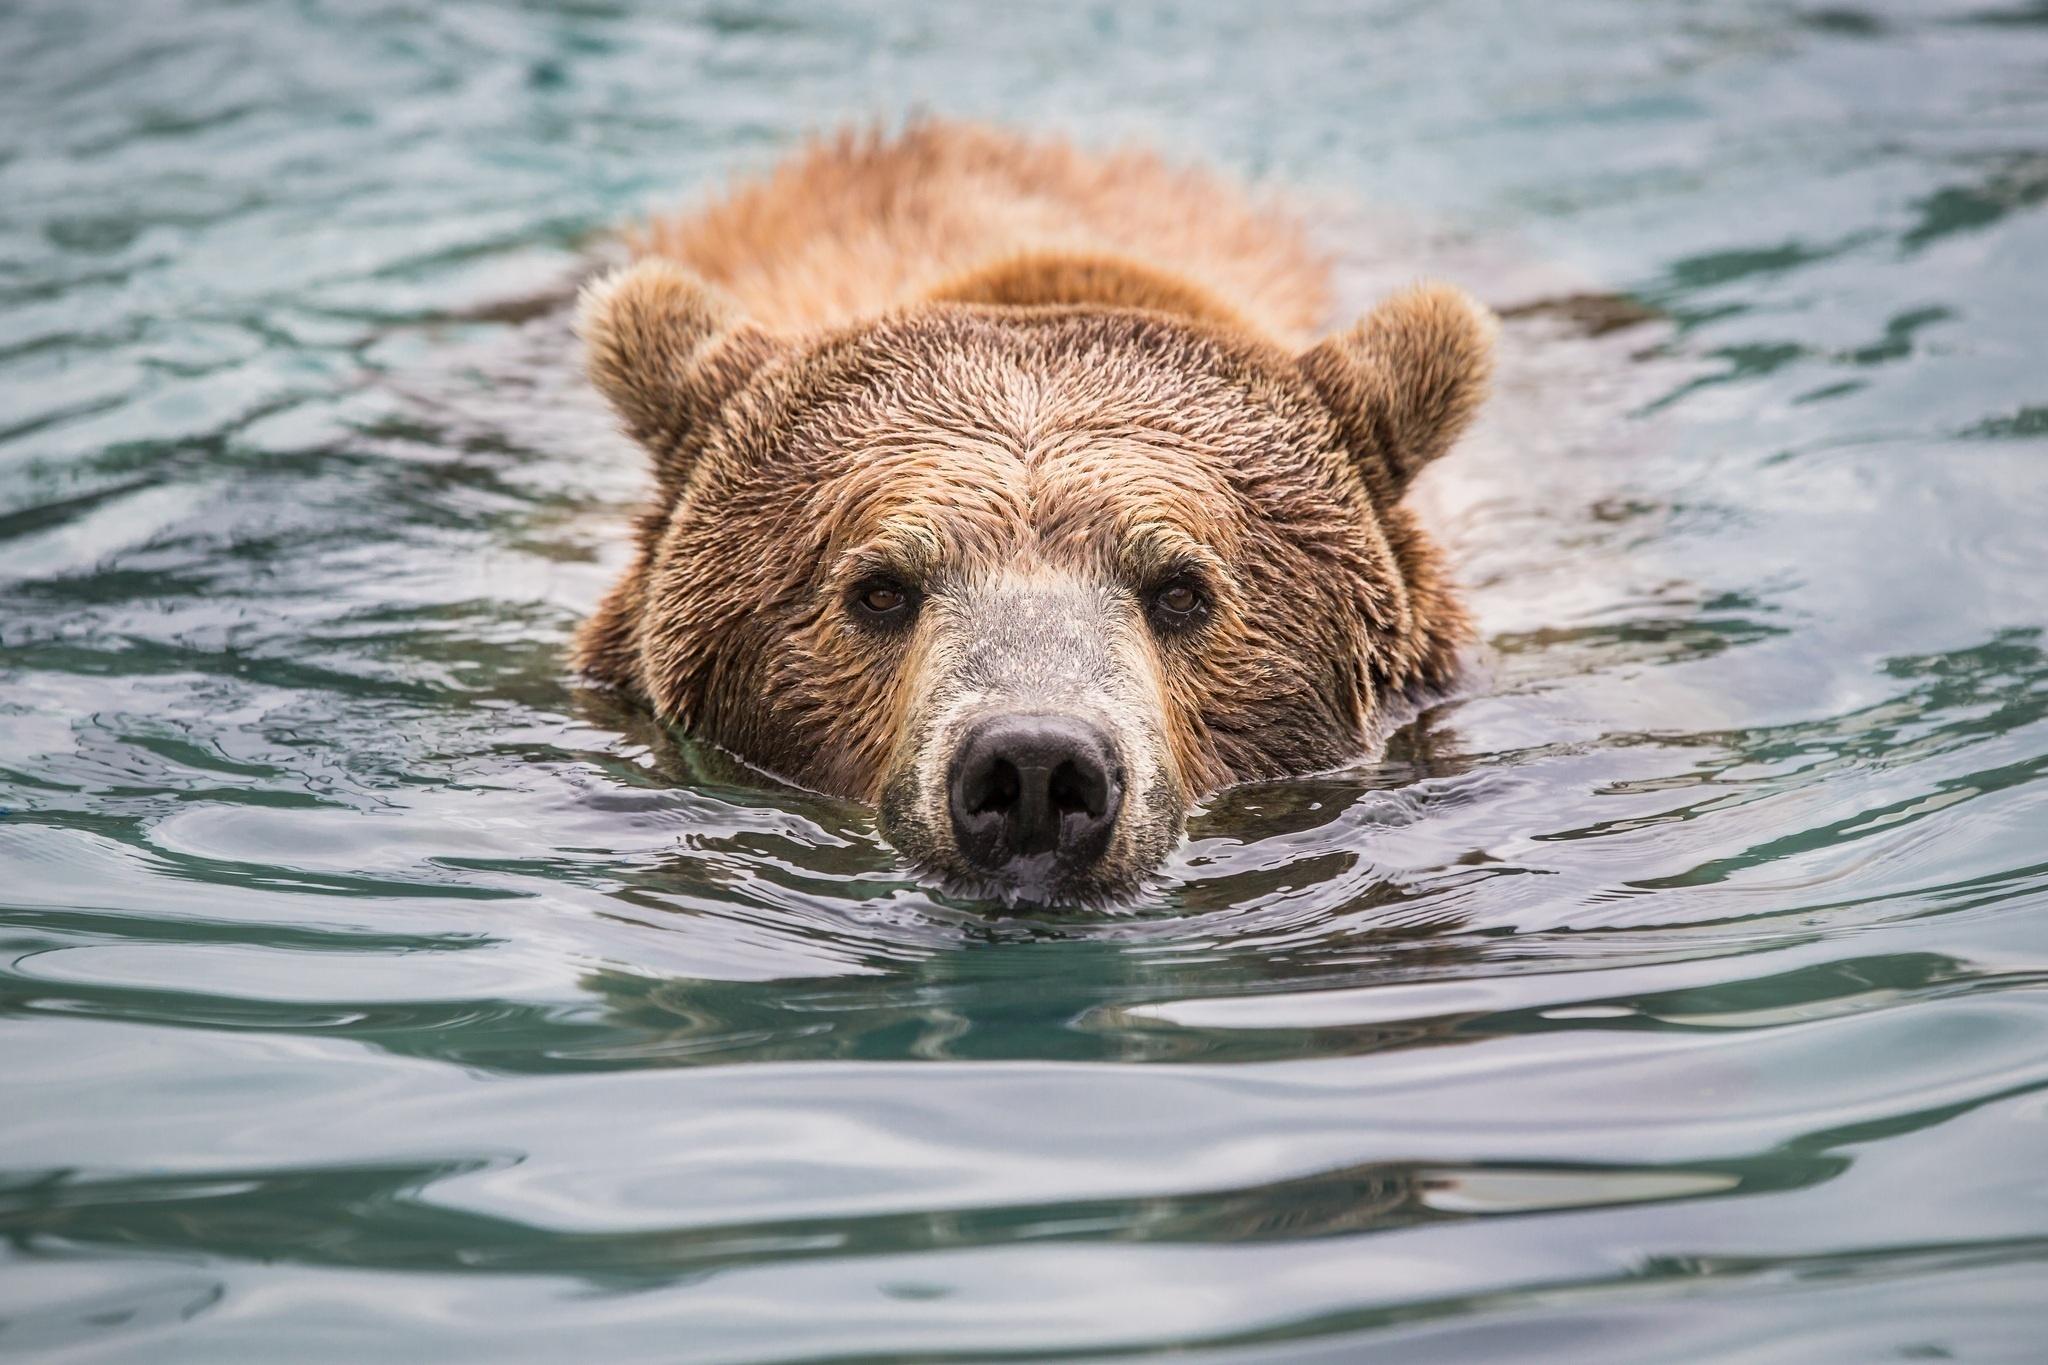 забудьте картинки мокрый медведь первый подарок, оспоримый